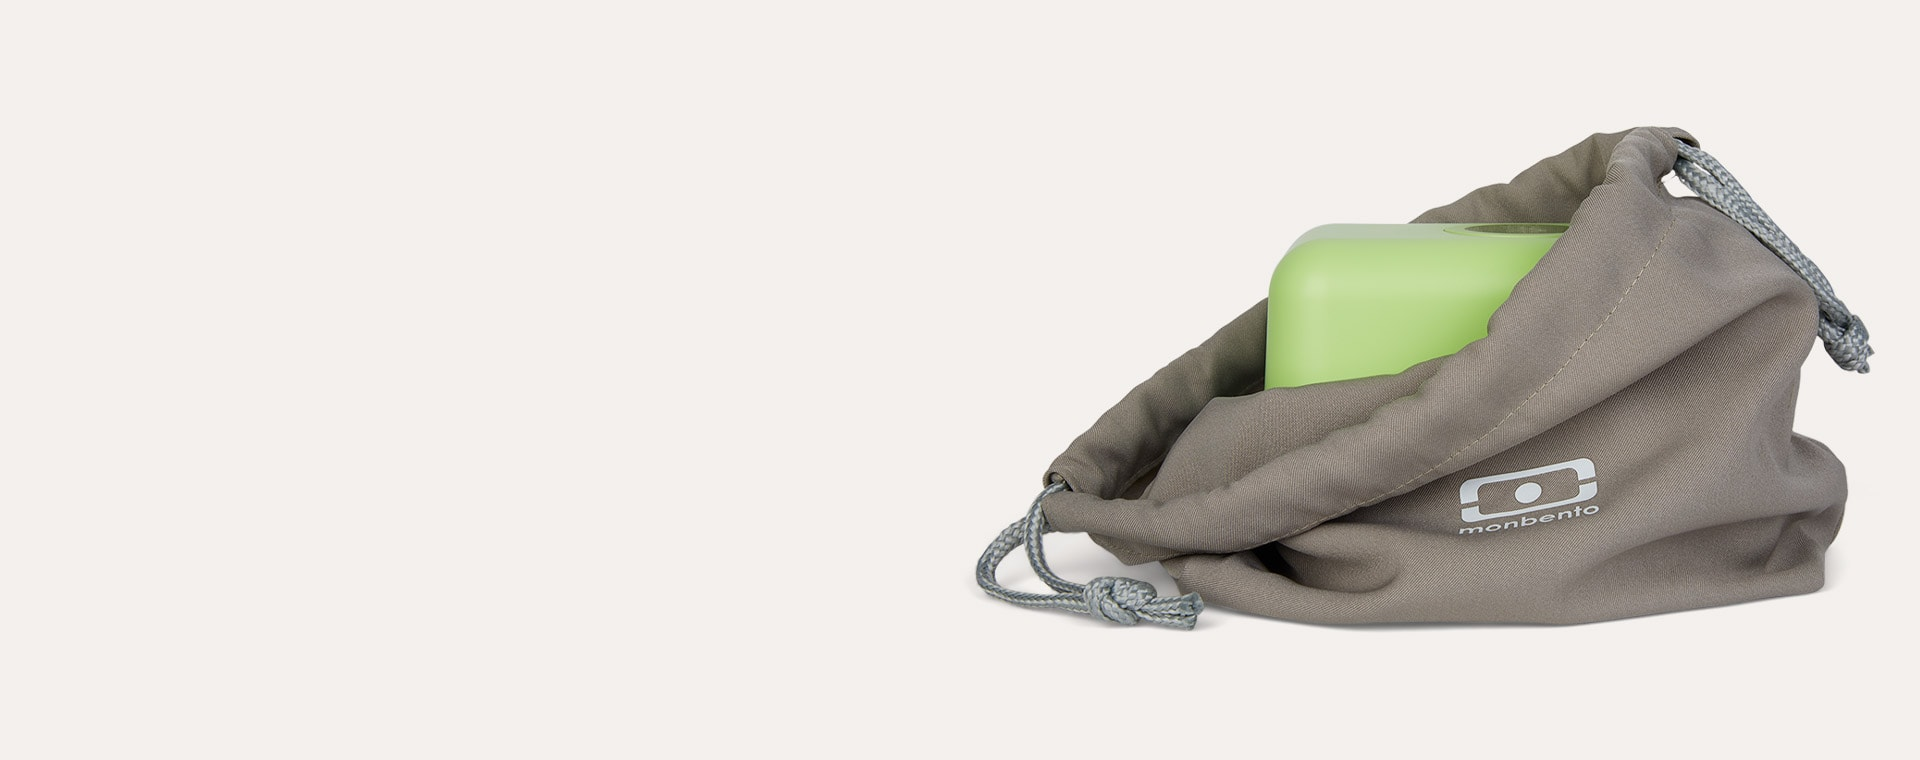 Grey Coton monbento Pochette Bento Bag